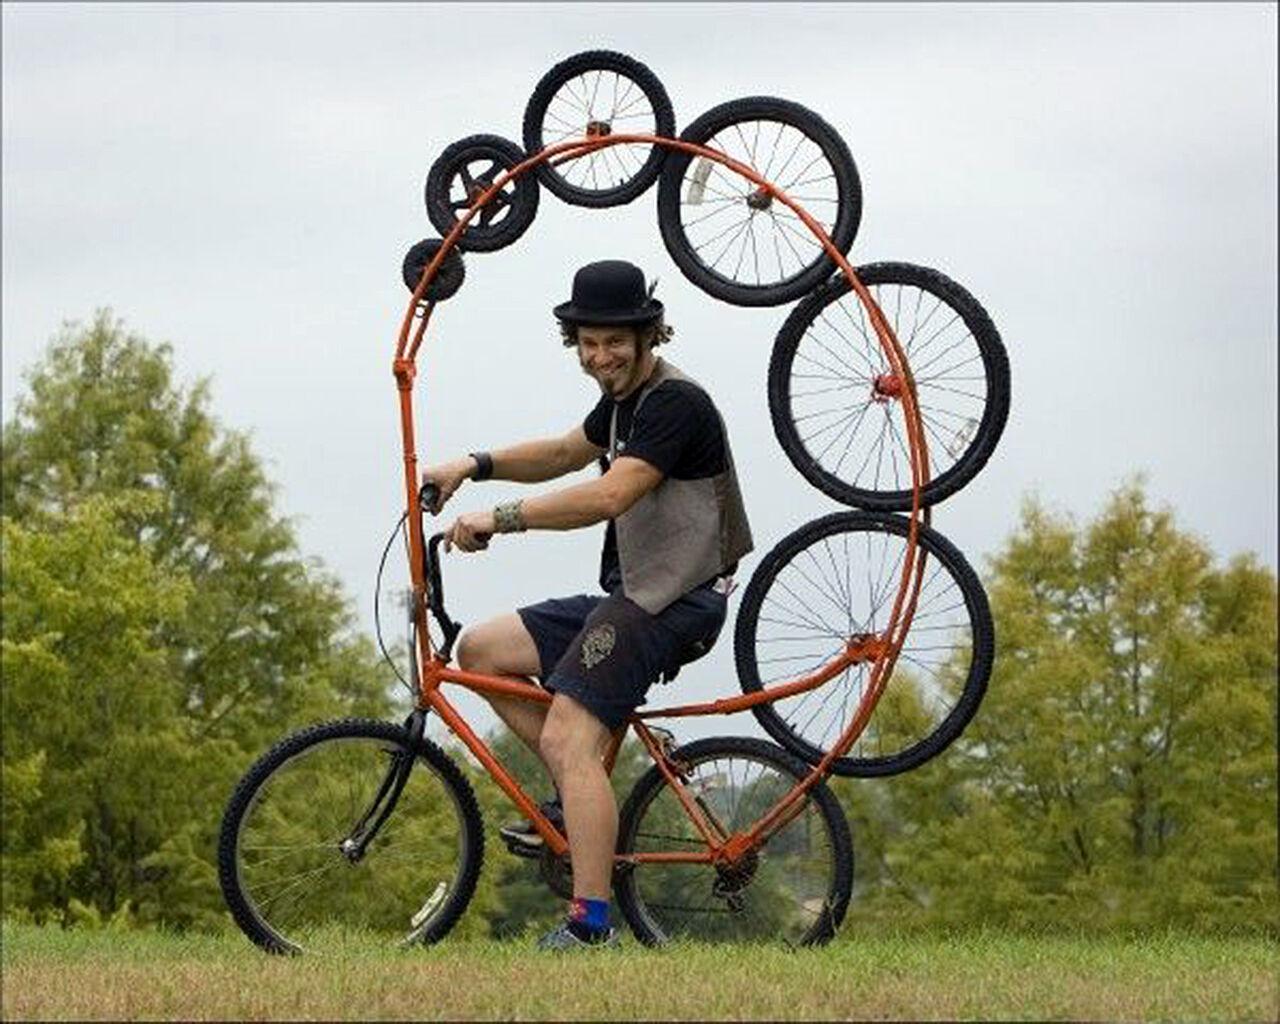 Смотреть онлайн самотык на велосипеде 25 фотография